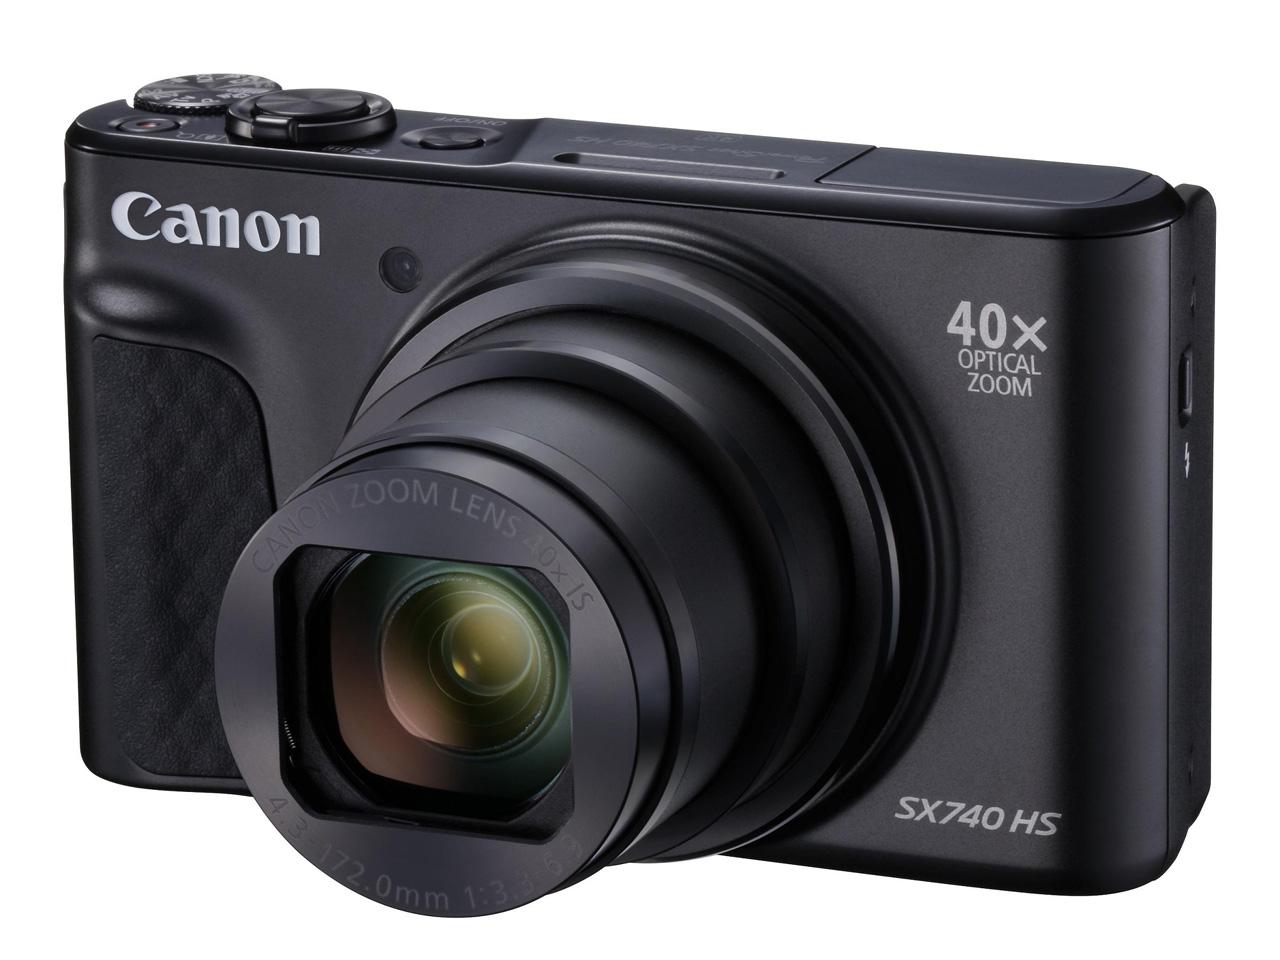 キヤノン PowerShot SX740 HS ブラック